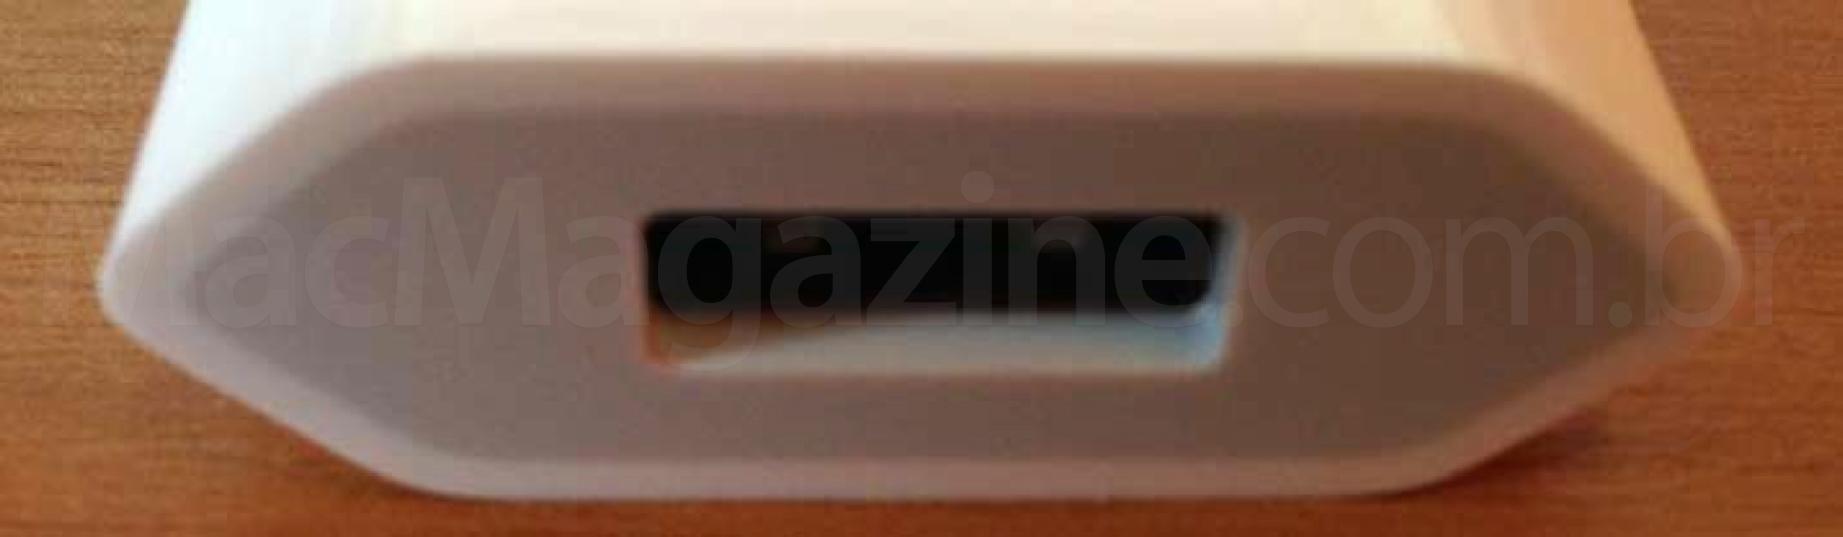 Homologação do carregador de iPhone na ANATEL